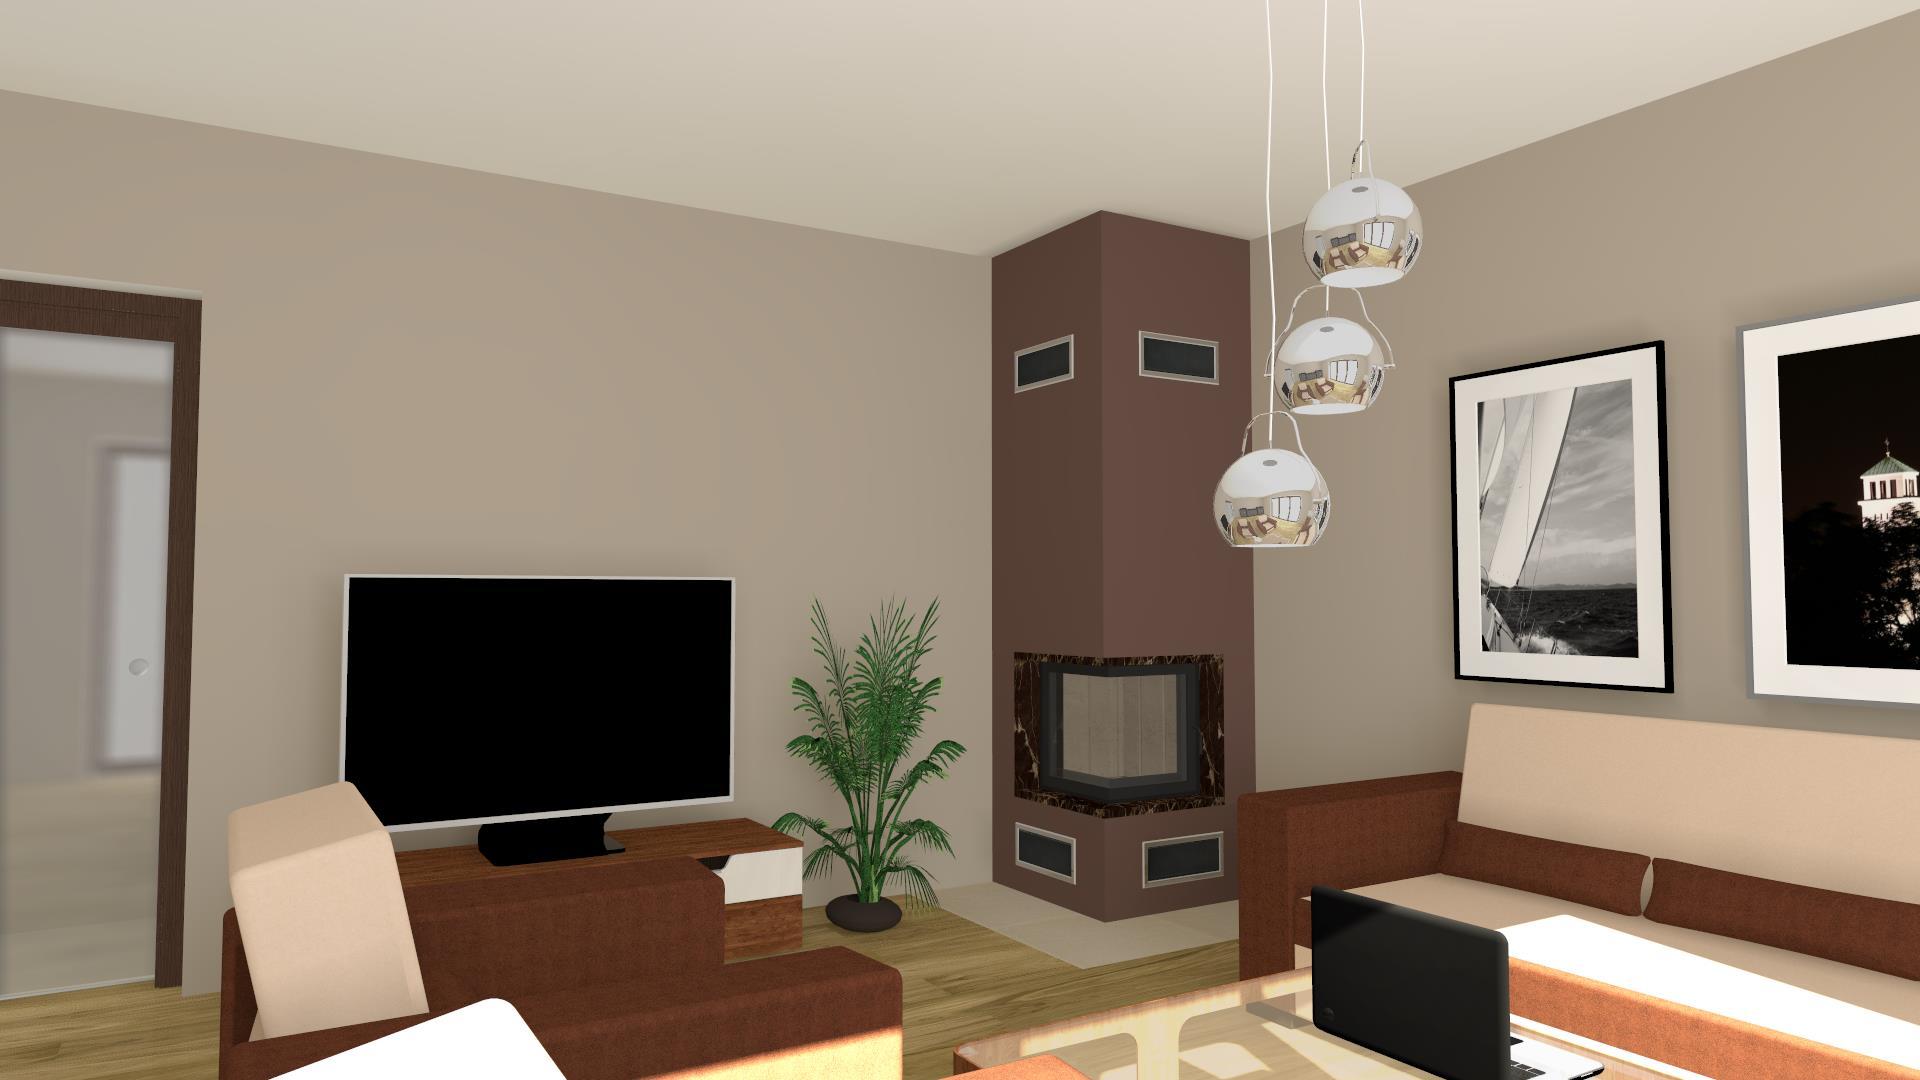 moderner kamin zp5 eck mit spartherm mit montage. Black Bedroom Furniture Sets. Home Design Ideas